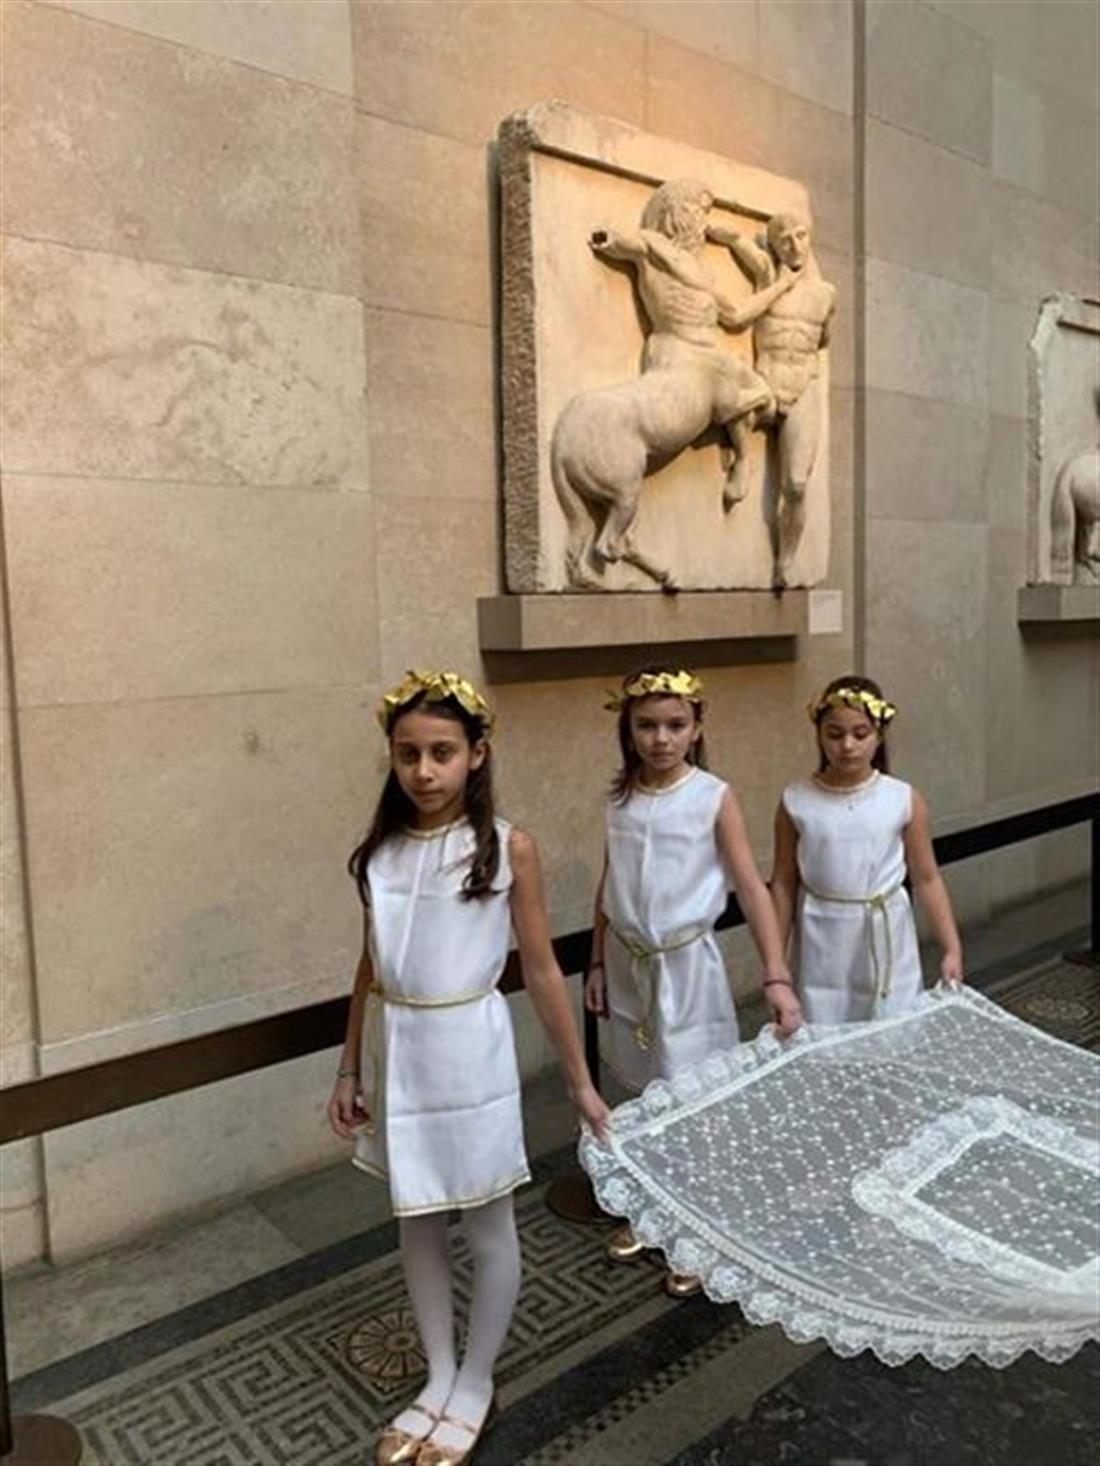 Βρετανικό Μουσείο - Γλυπτά του Παρθενώνα - μαθητές - σχολείο